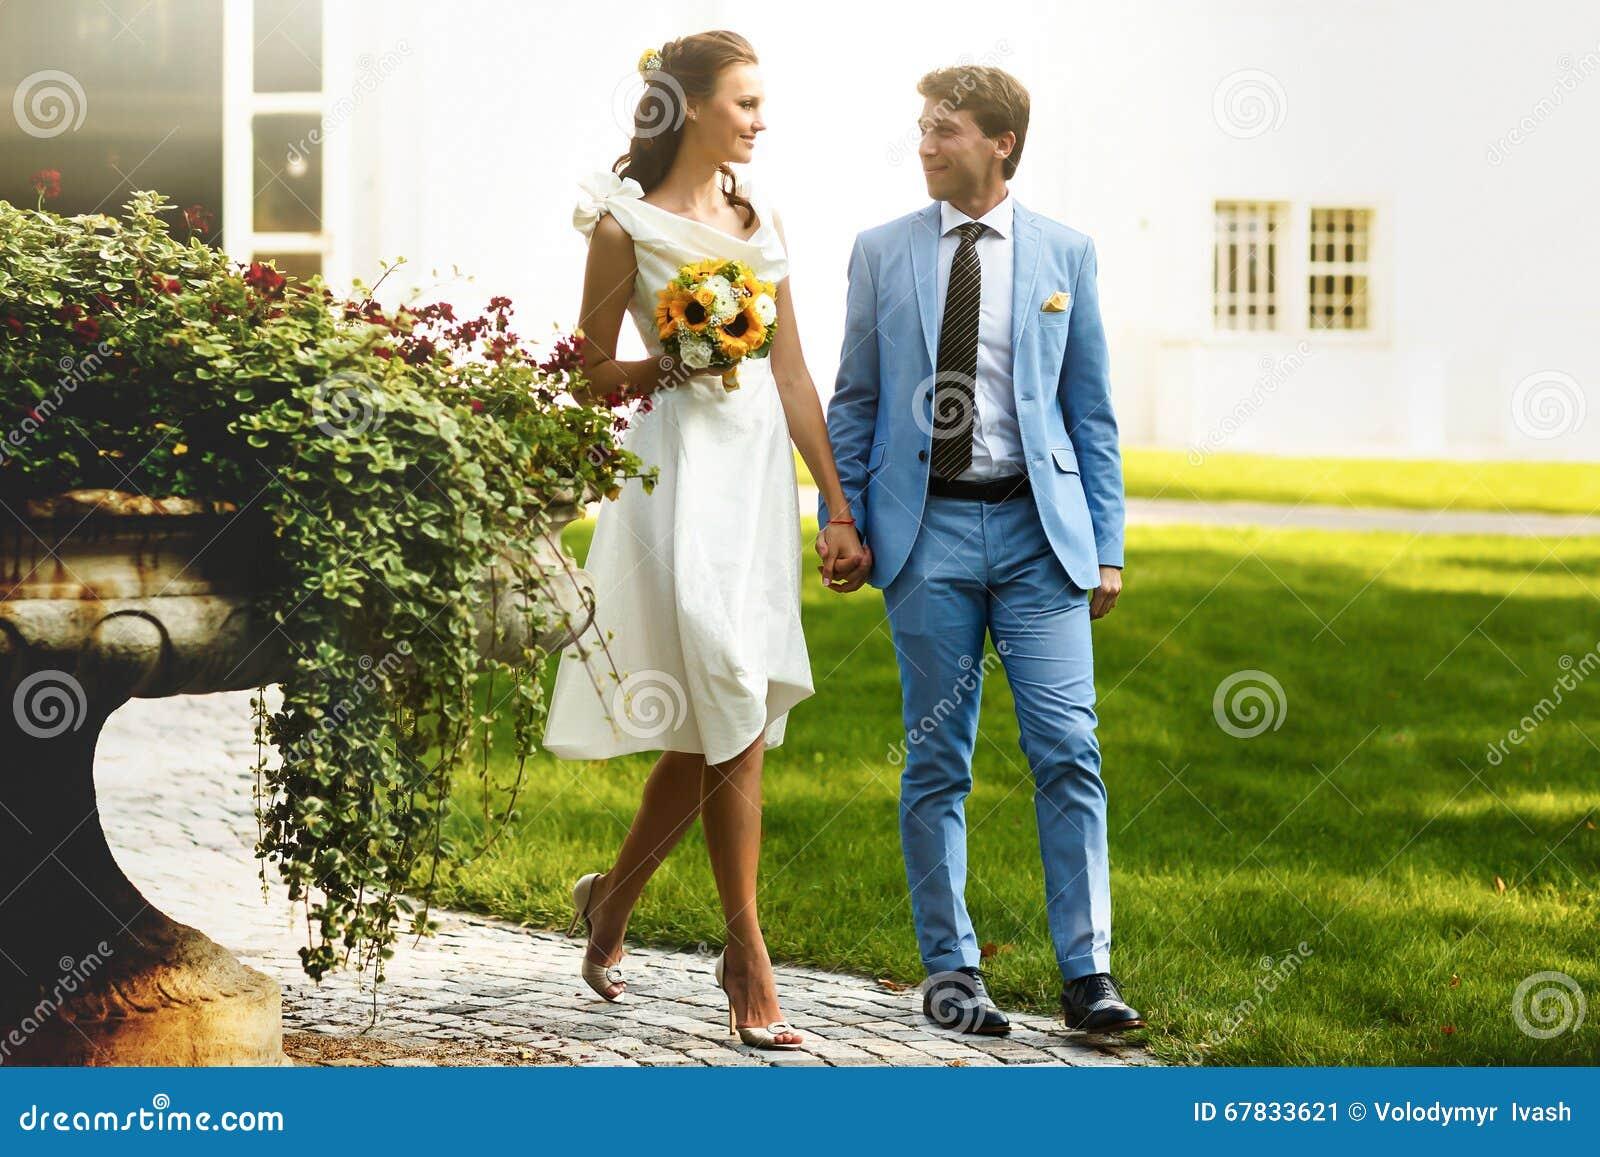 bräutigam im blauen anzug und in einer braut in einem weißen